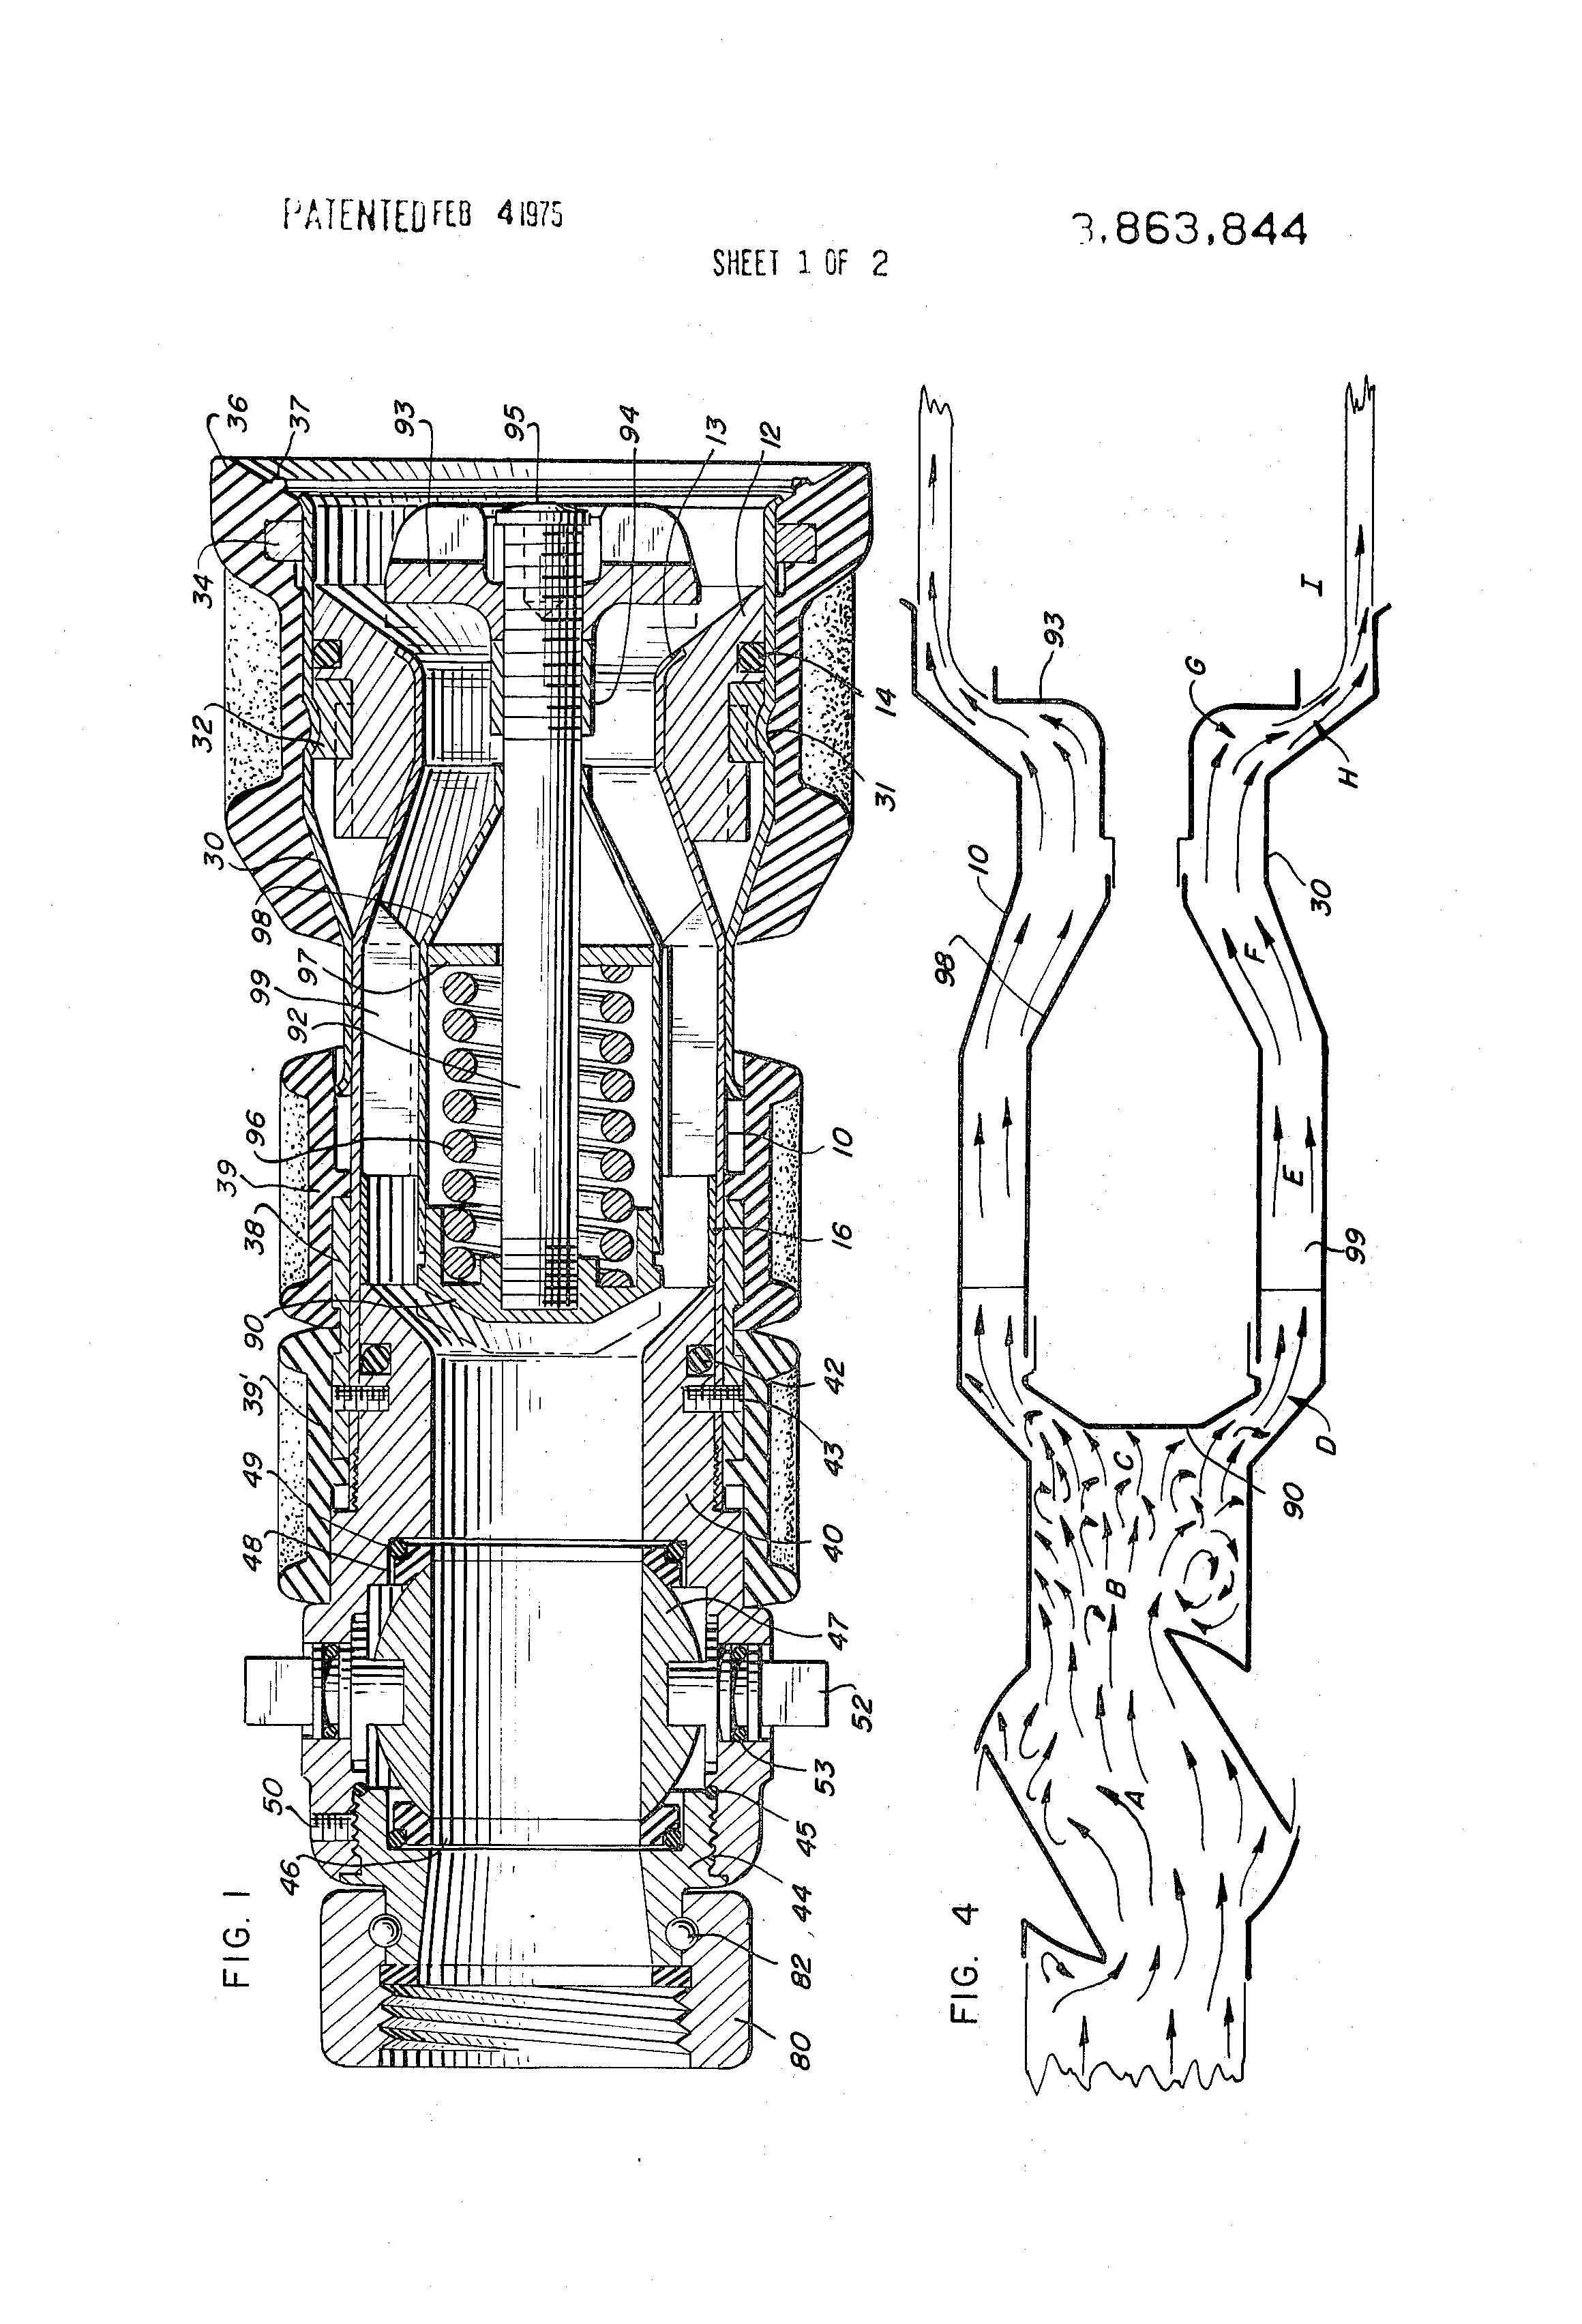 318 Engine Parts Diagram